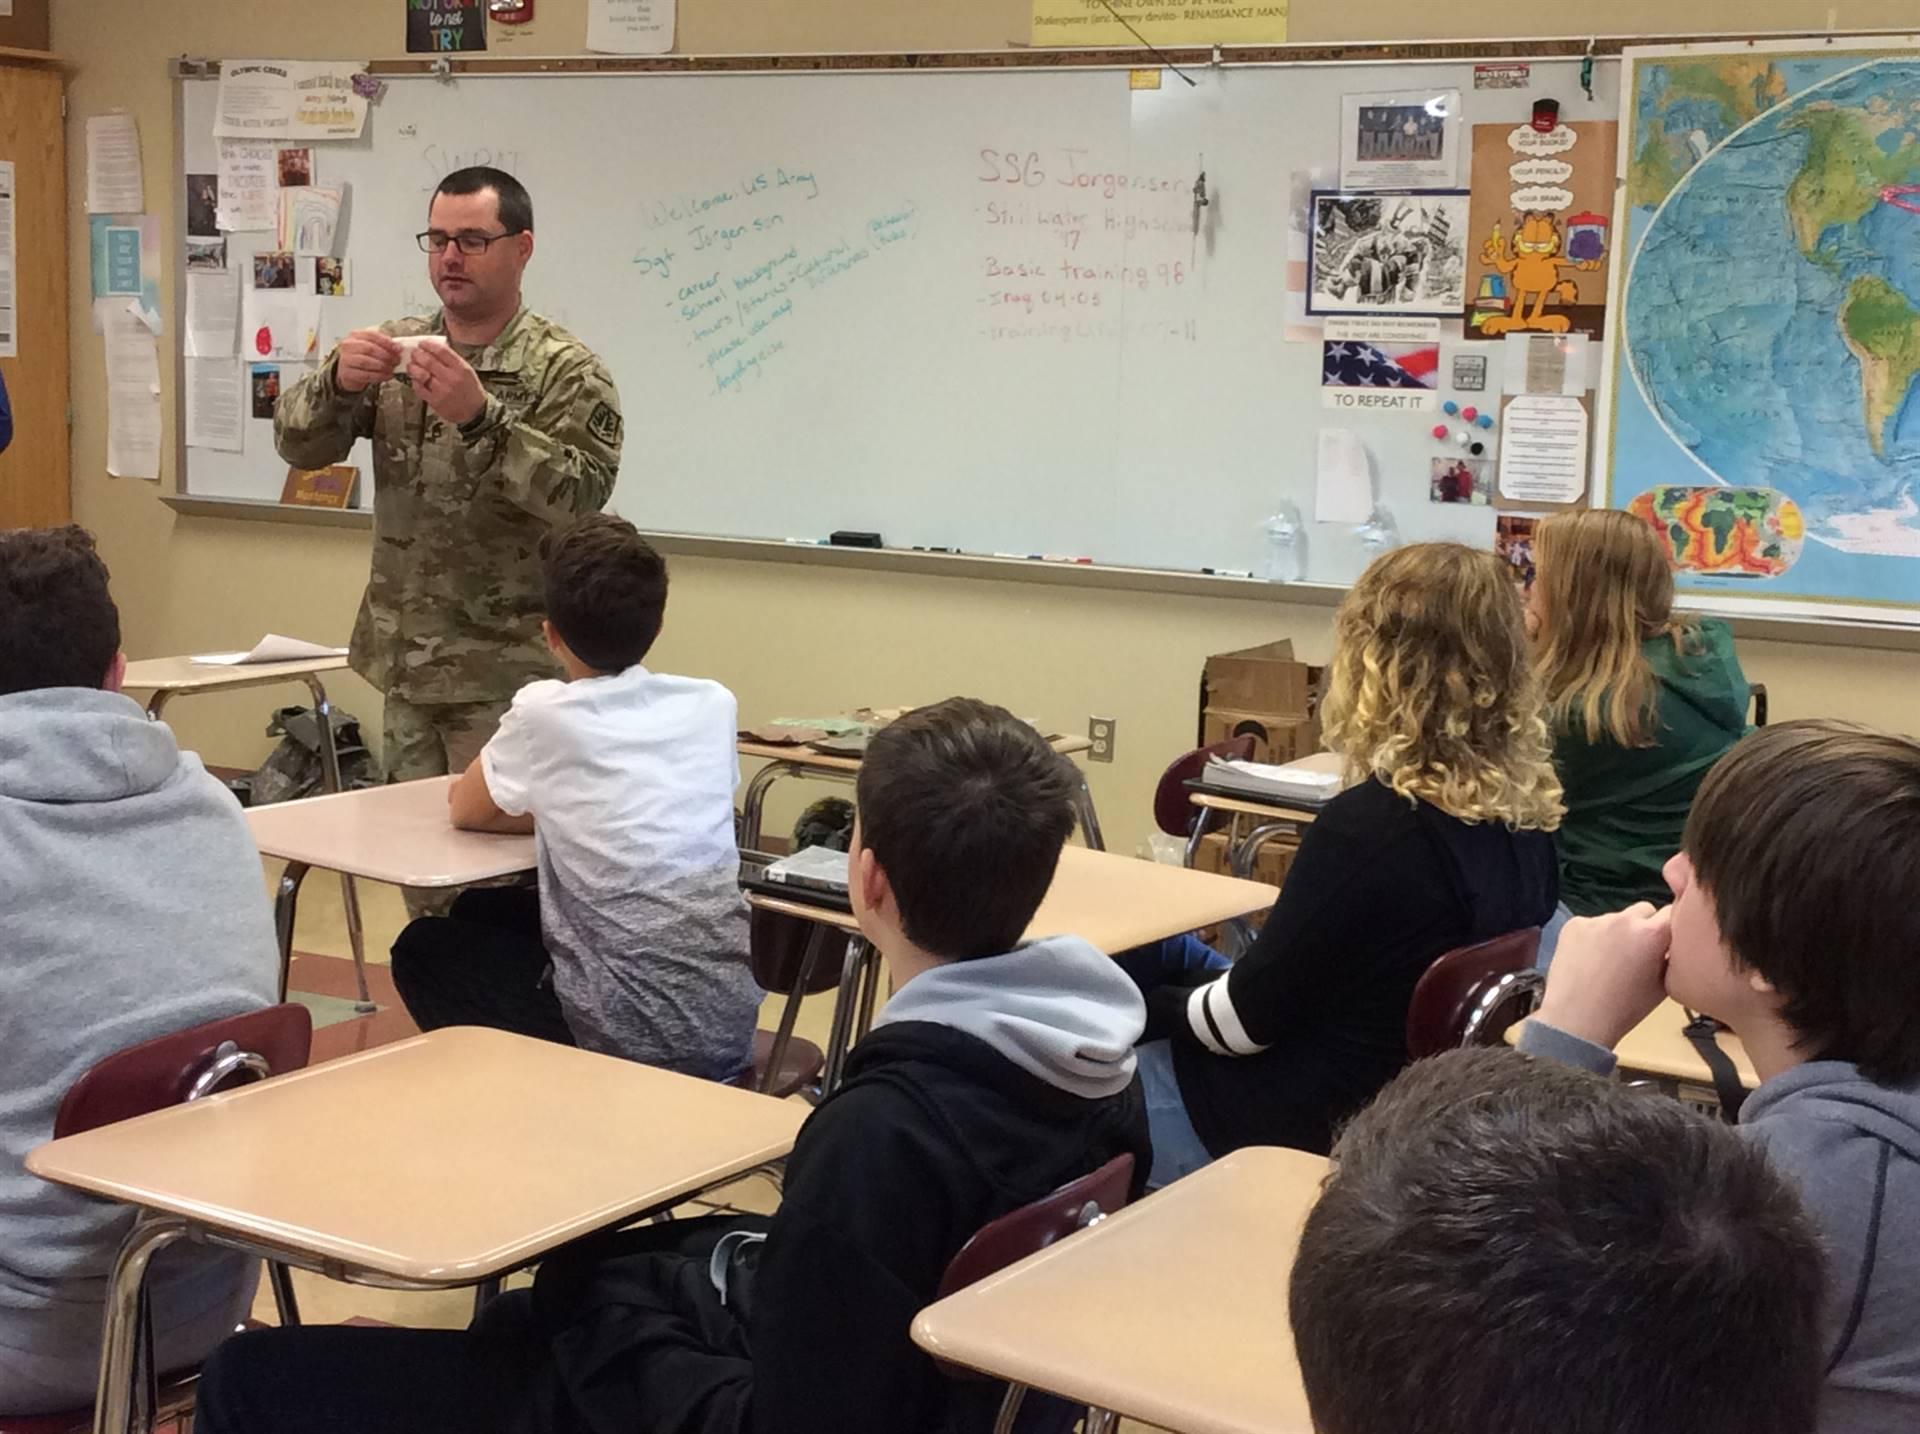 Guest Speaker - Staff Sergeant Jorgensen from the U.S. Army